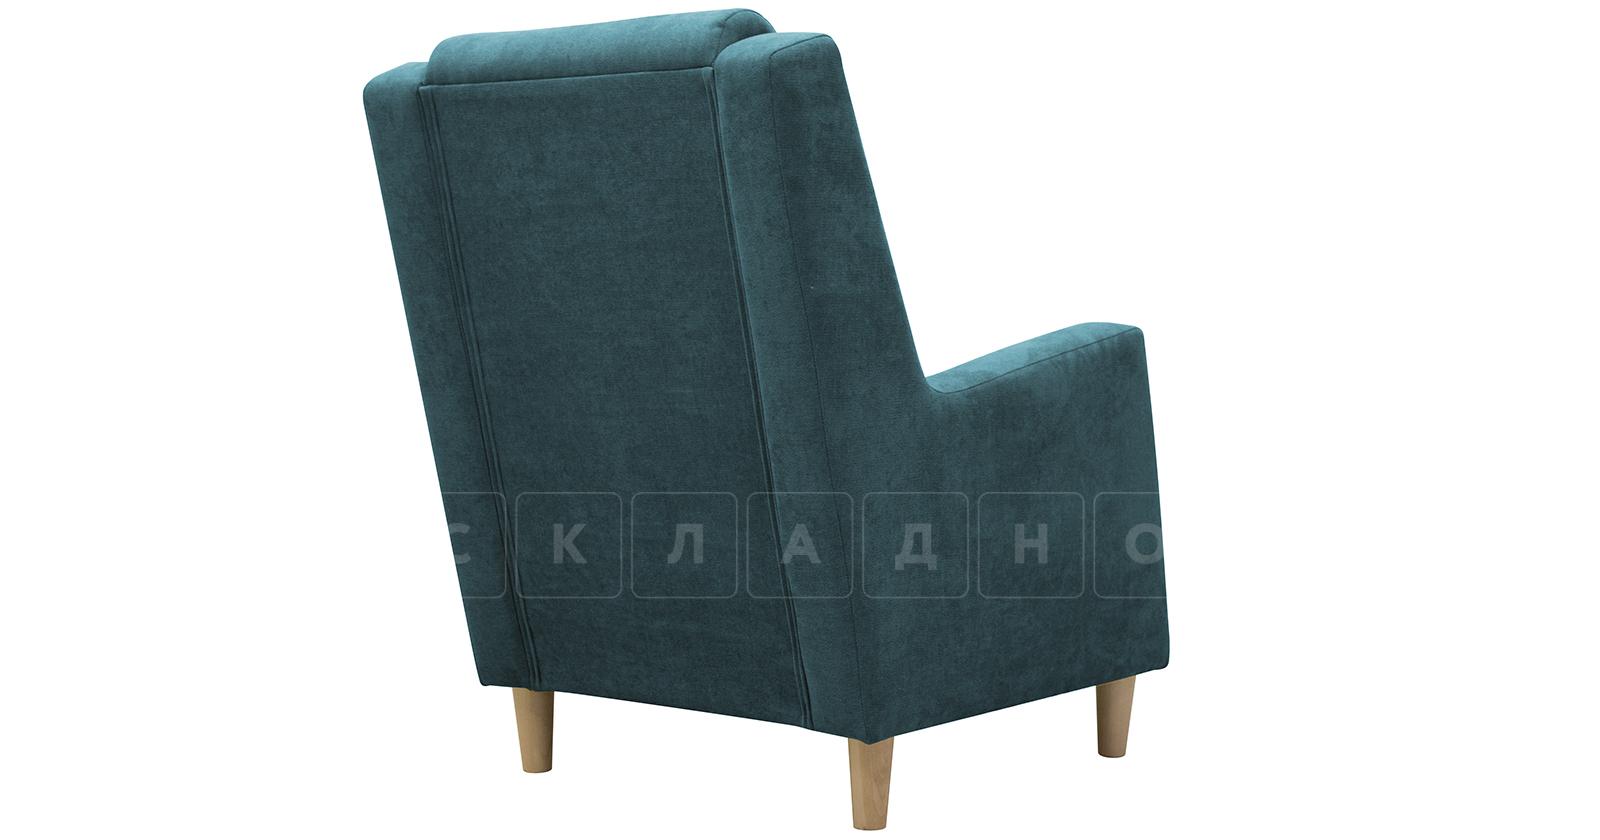 Кресло для отдыха Дарвин бирюзовый фото 4   интернет-магазин Складно